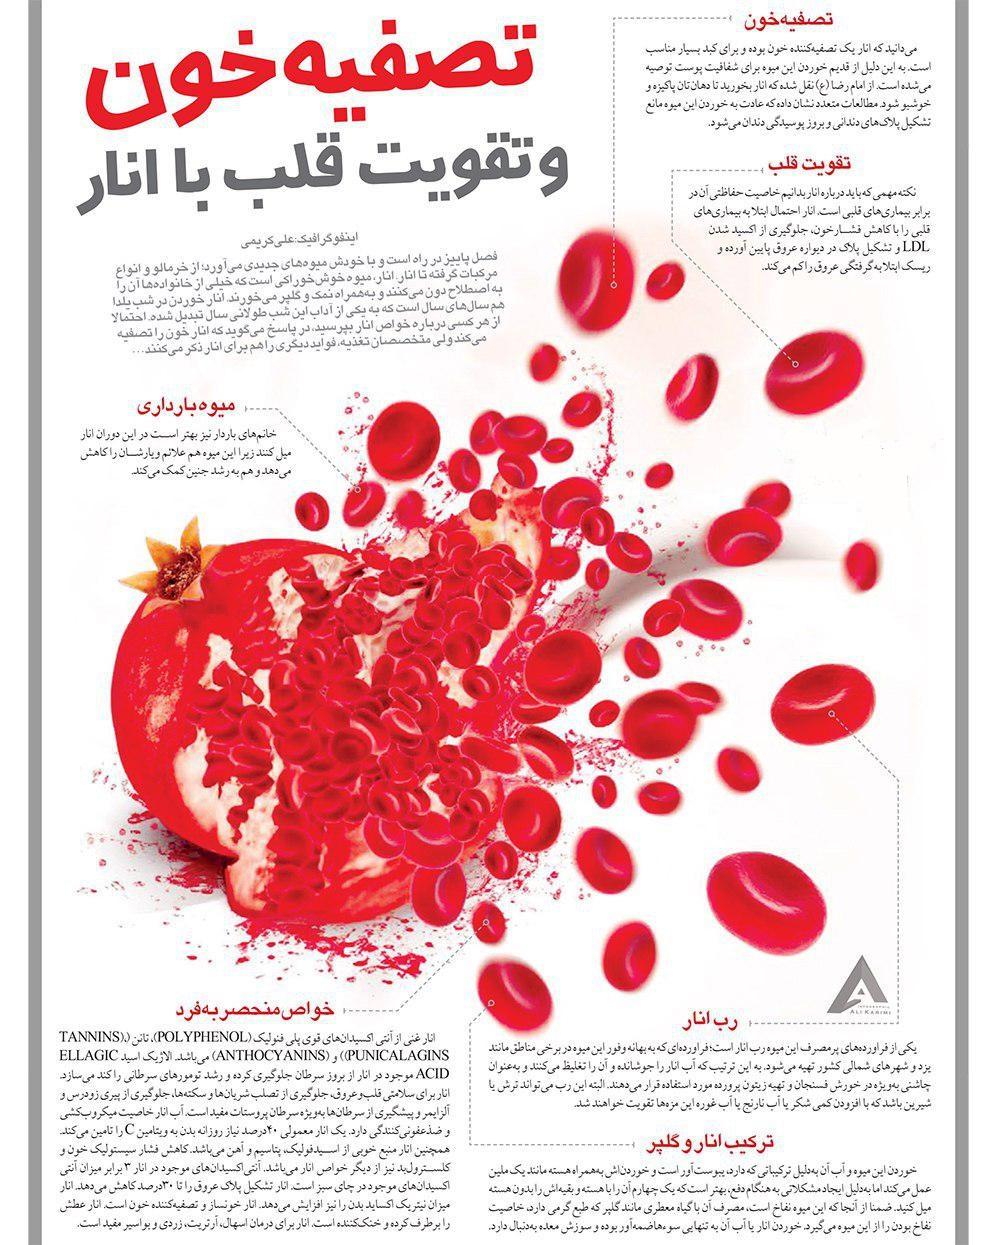 معجزه انار در تصفیه خون و سلامت قلب+ اینفوگرافی